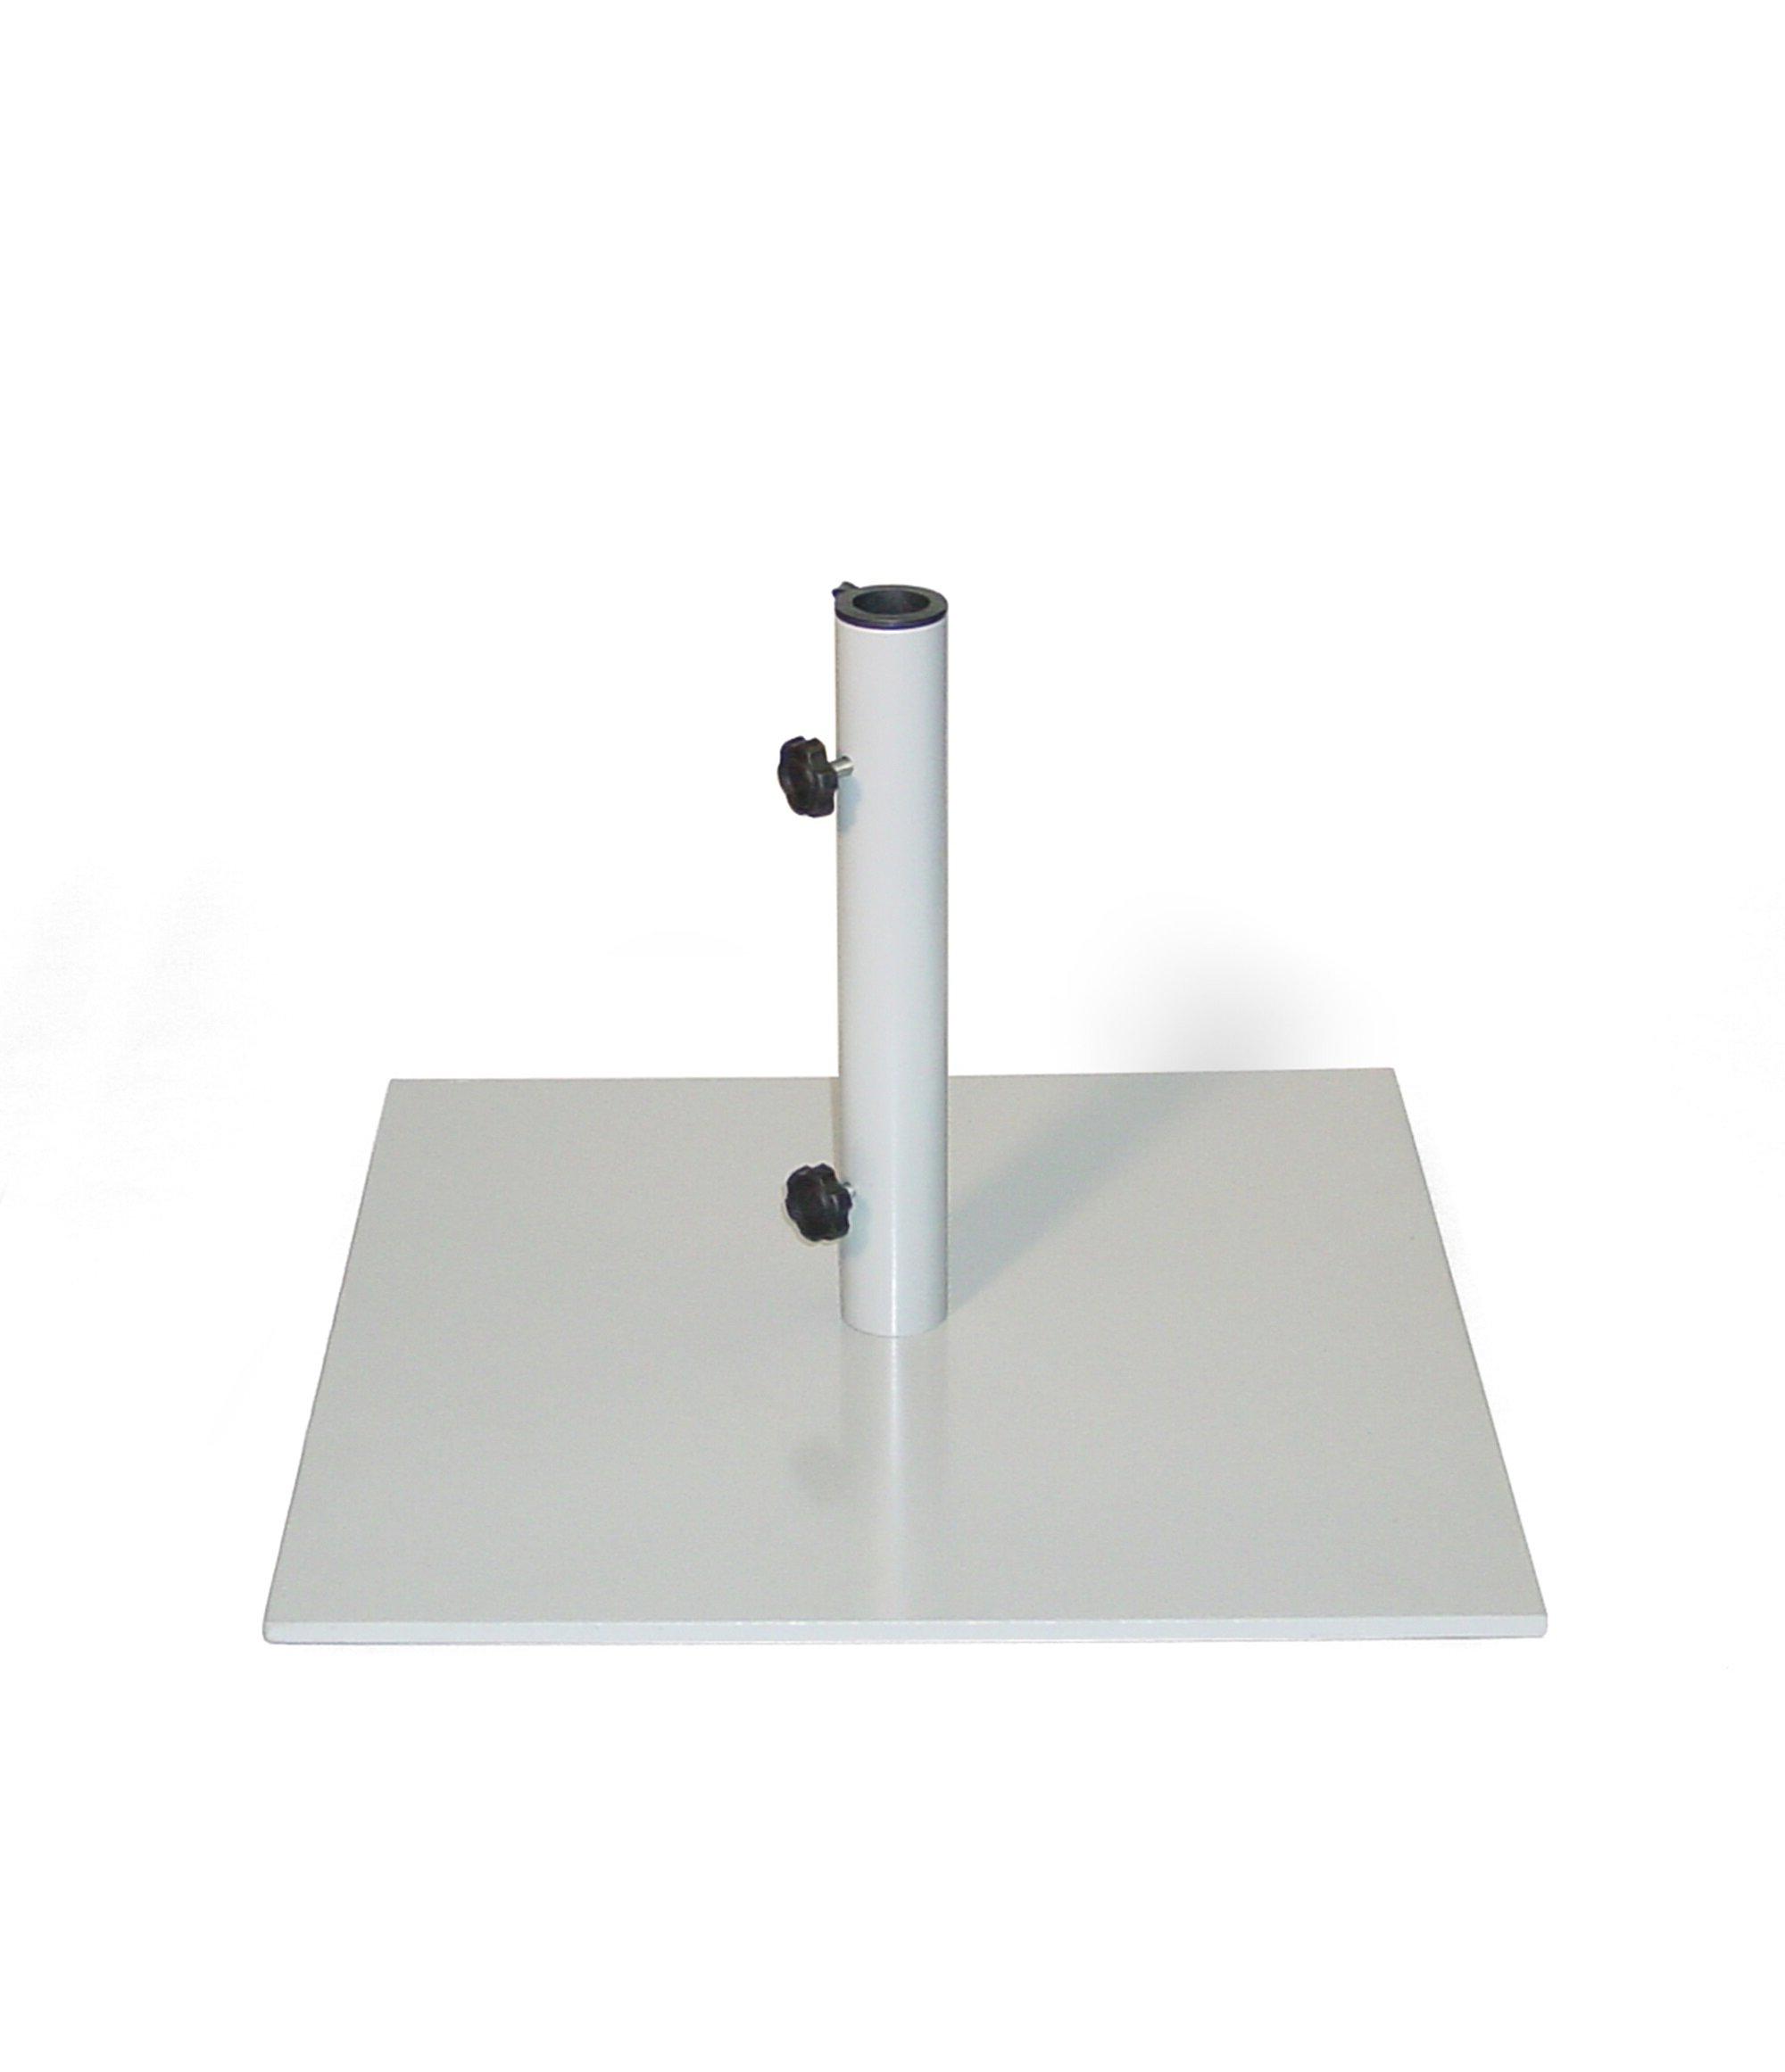 Zeman Steel Free Standing Base Pertaining To Current Zeman Market Umbrellas (View 20 of 20)